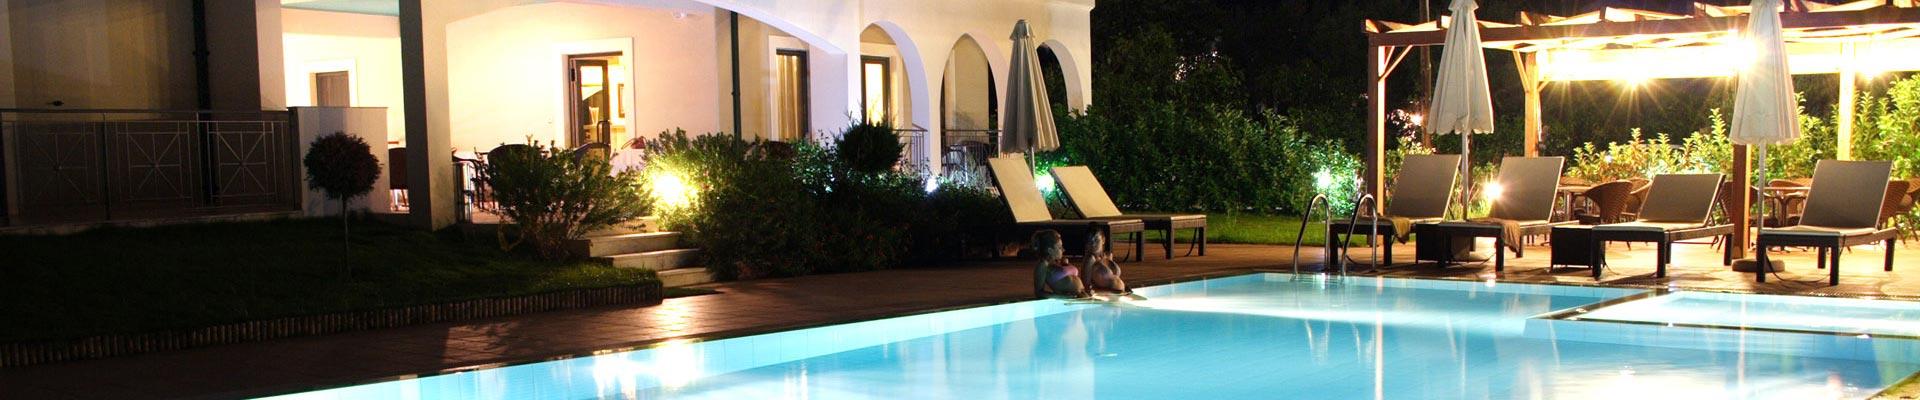 hotel-slide-2